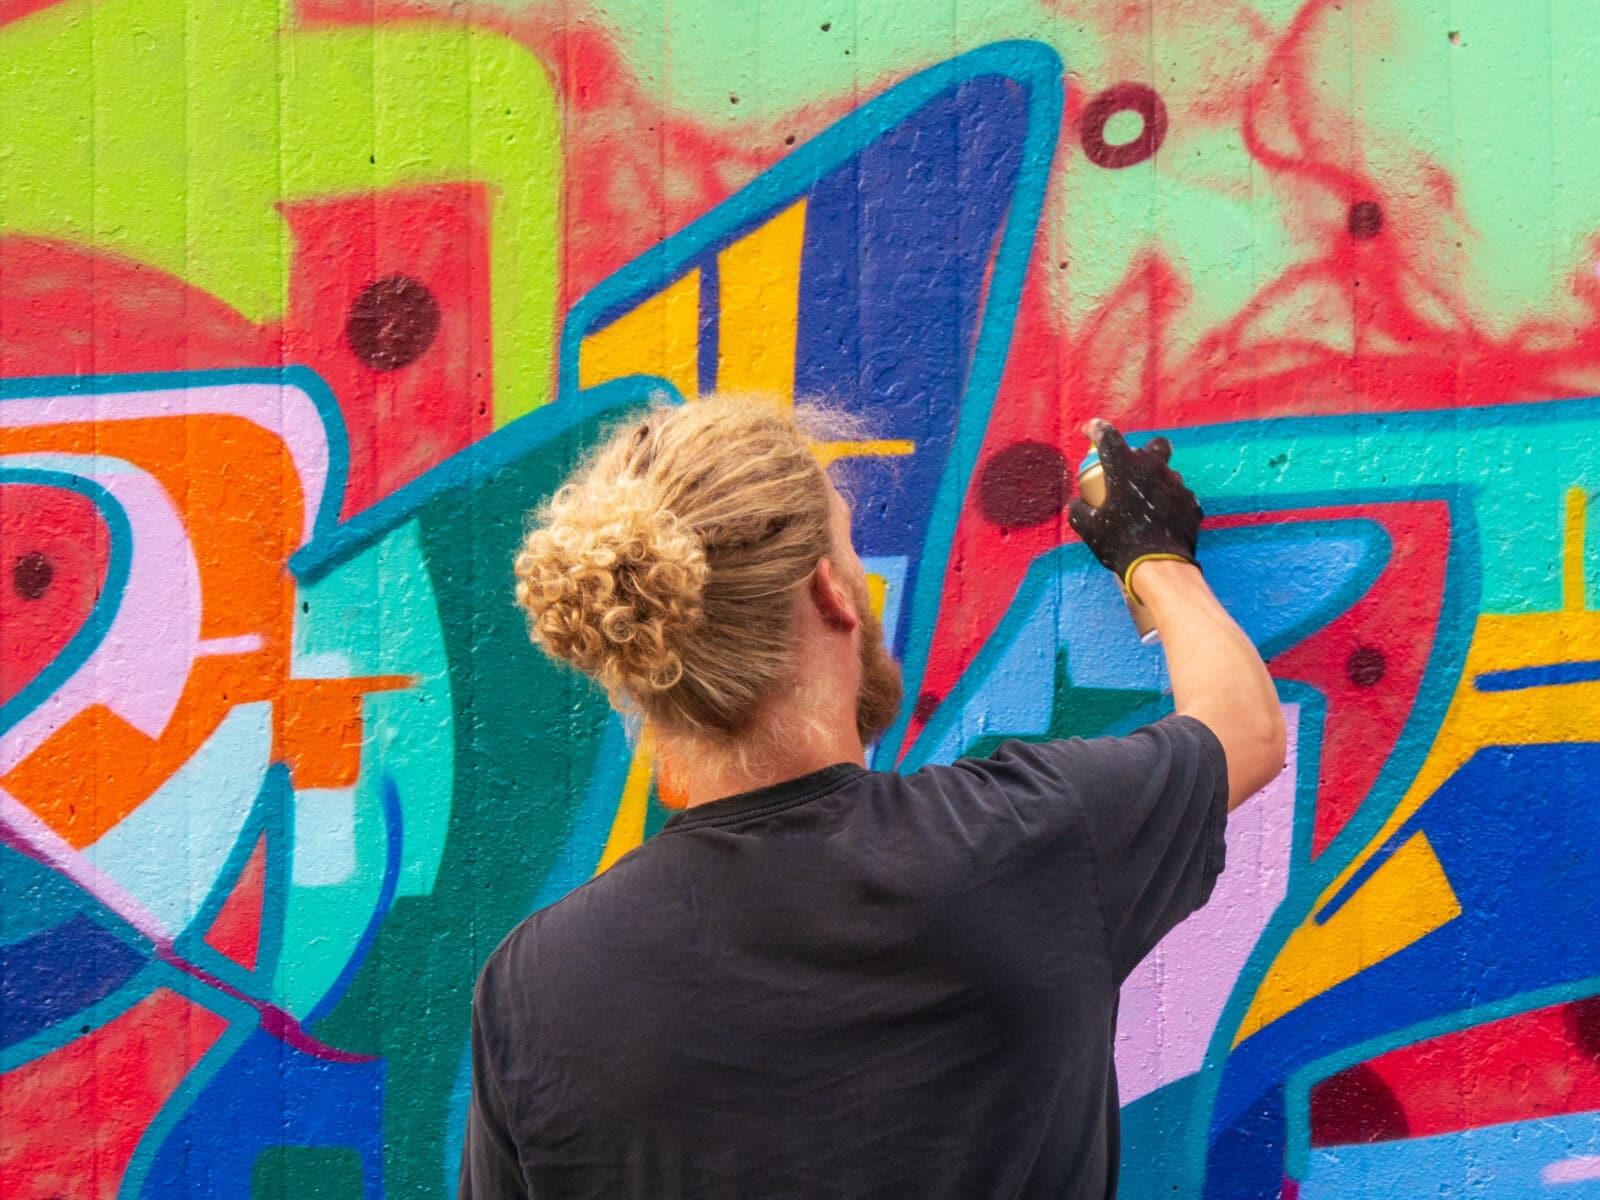 Oeuvre de street art